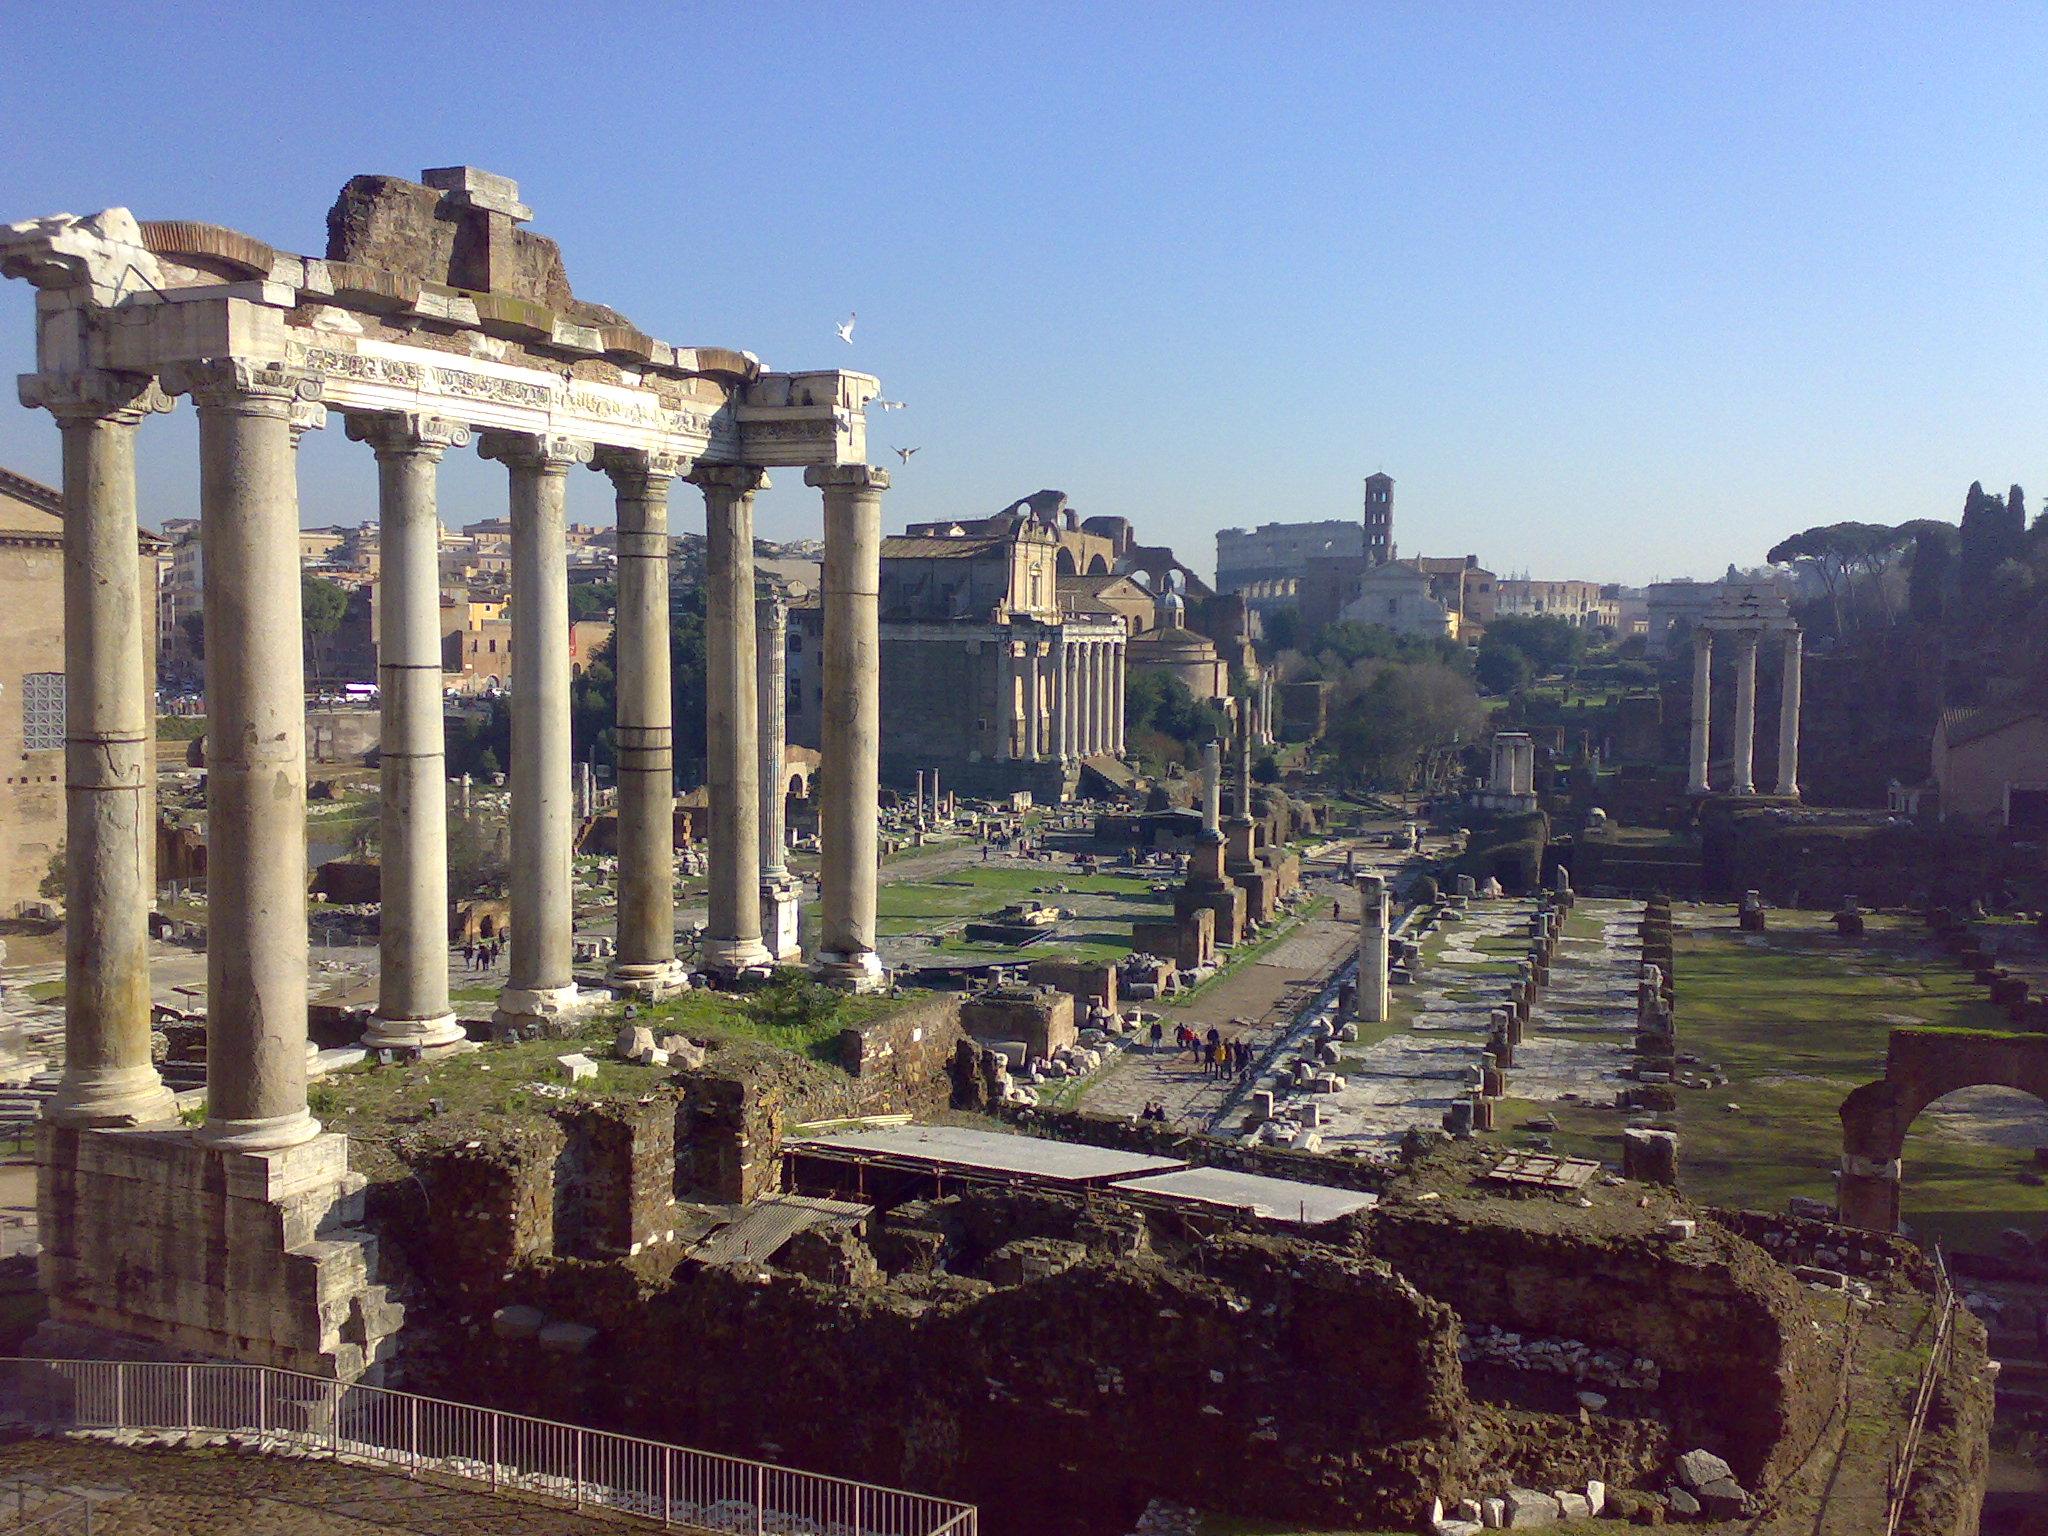 Roma Fori Imperiali illuminazione inaugurazione data